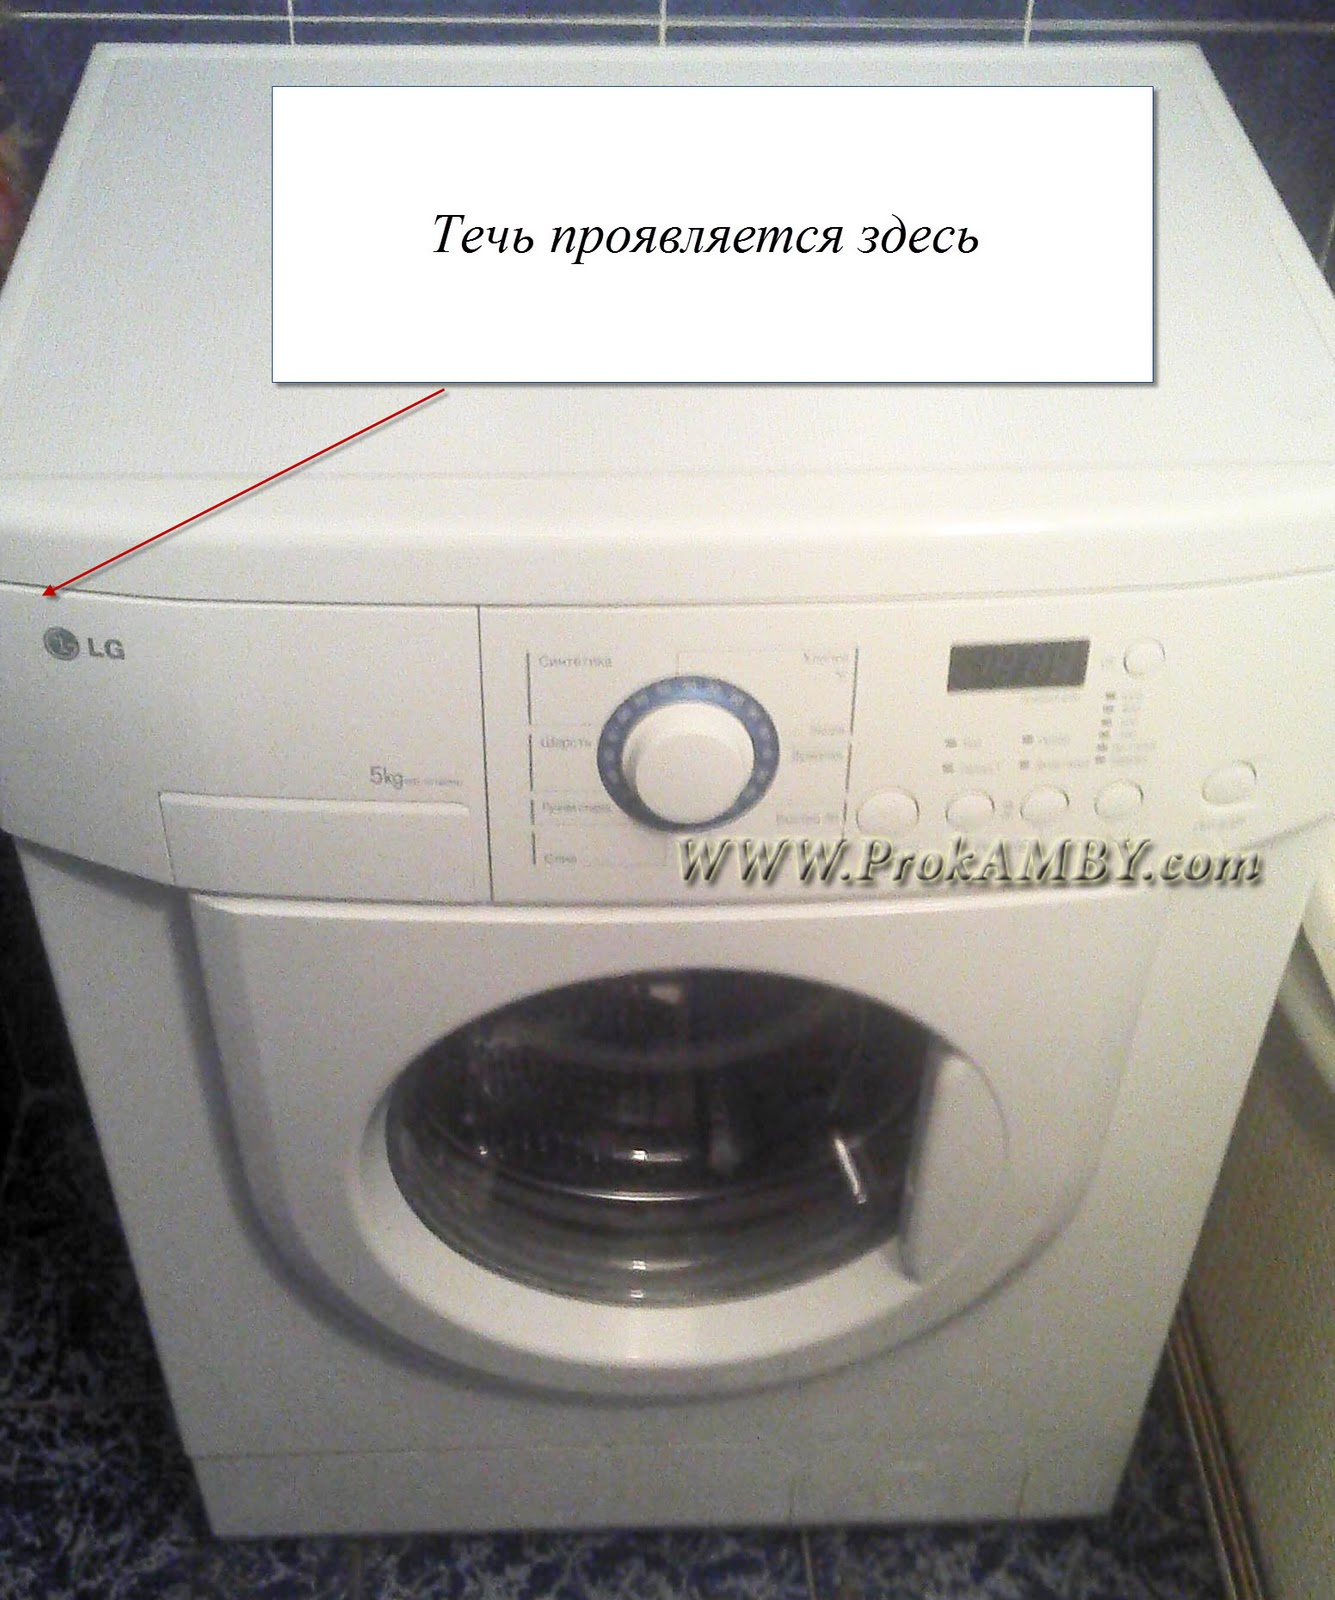 инструкция посудомоечной машины электролюкс intuition посмотреть